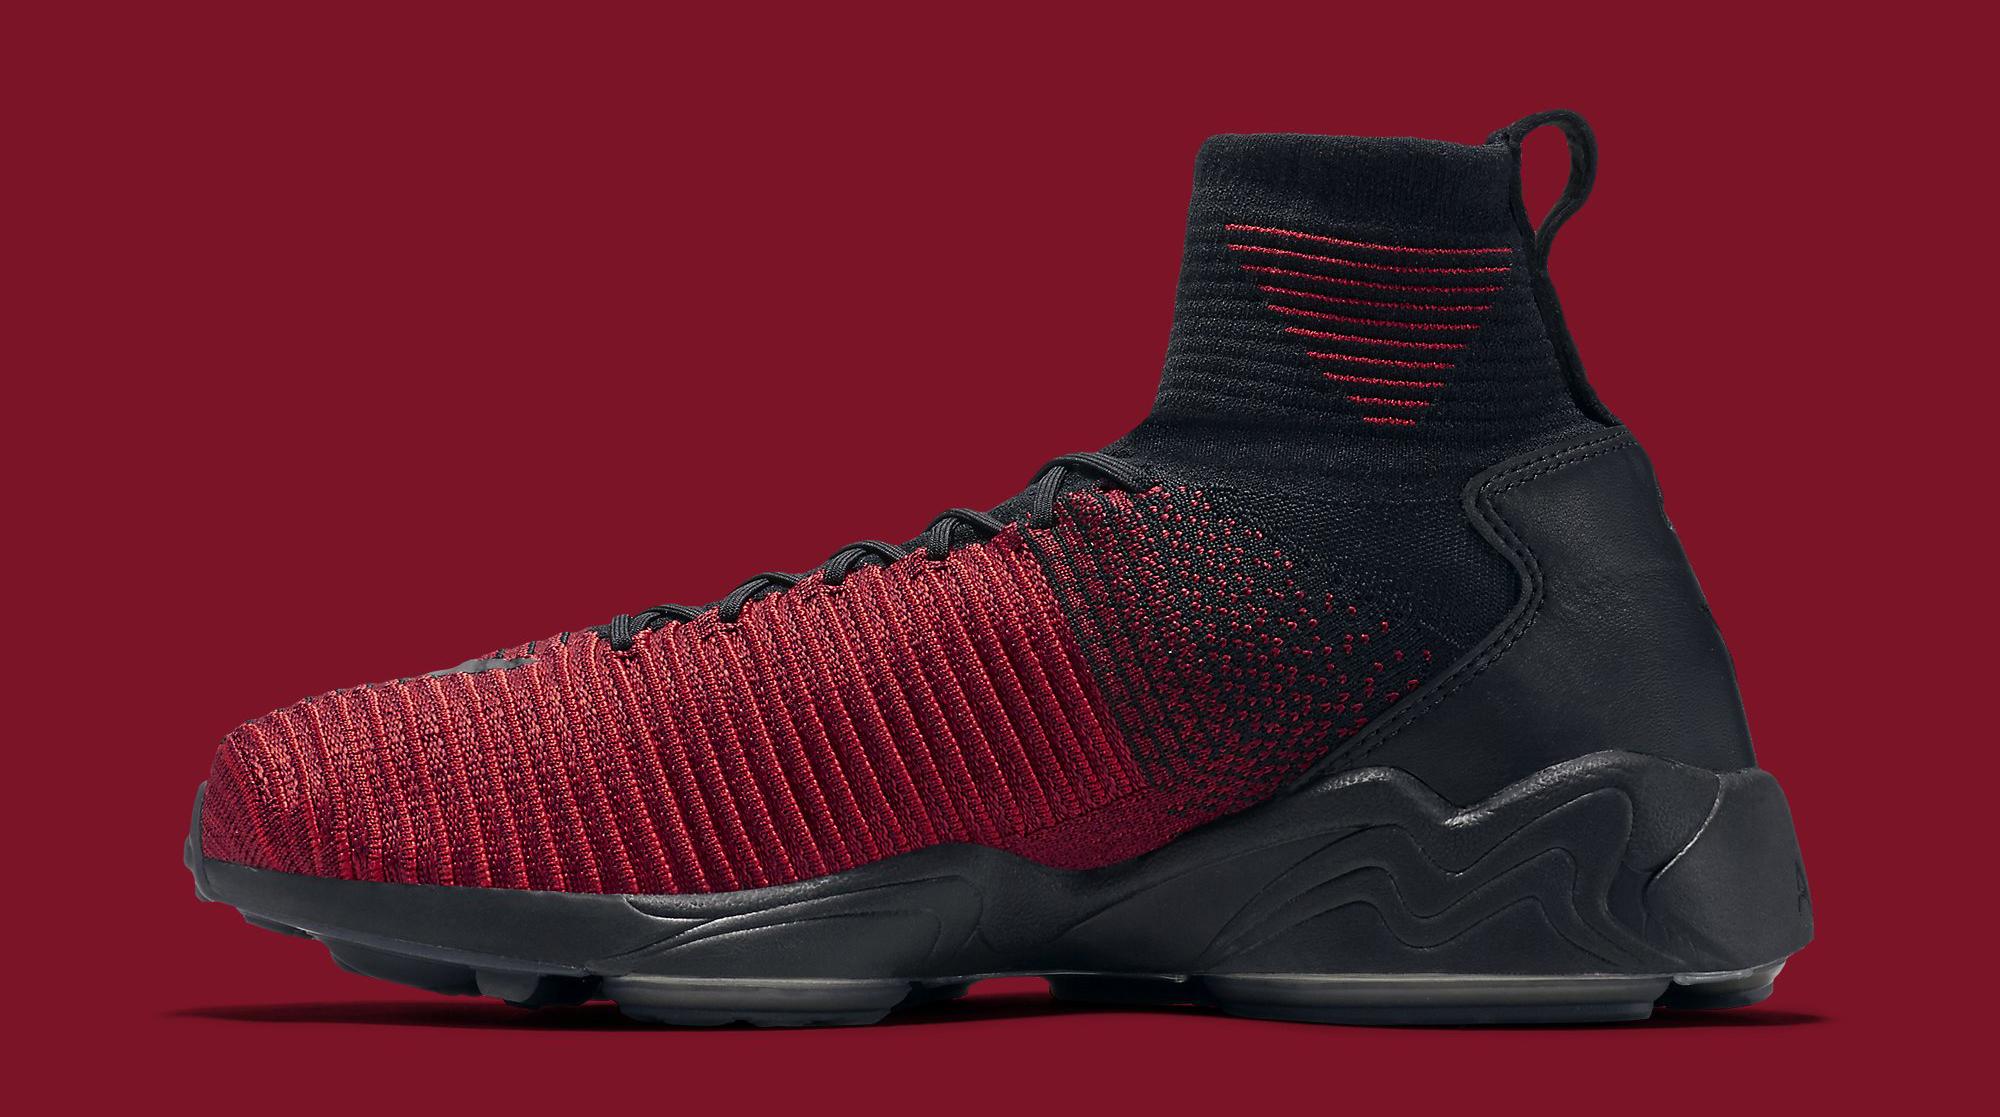 Nike Zoom Mercurial Flyknit Red Black Medial